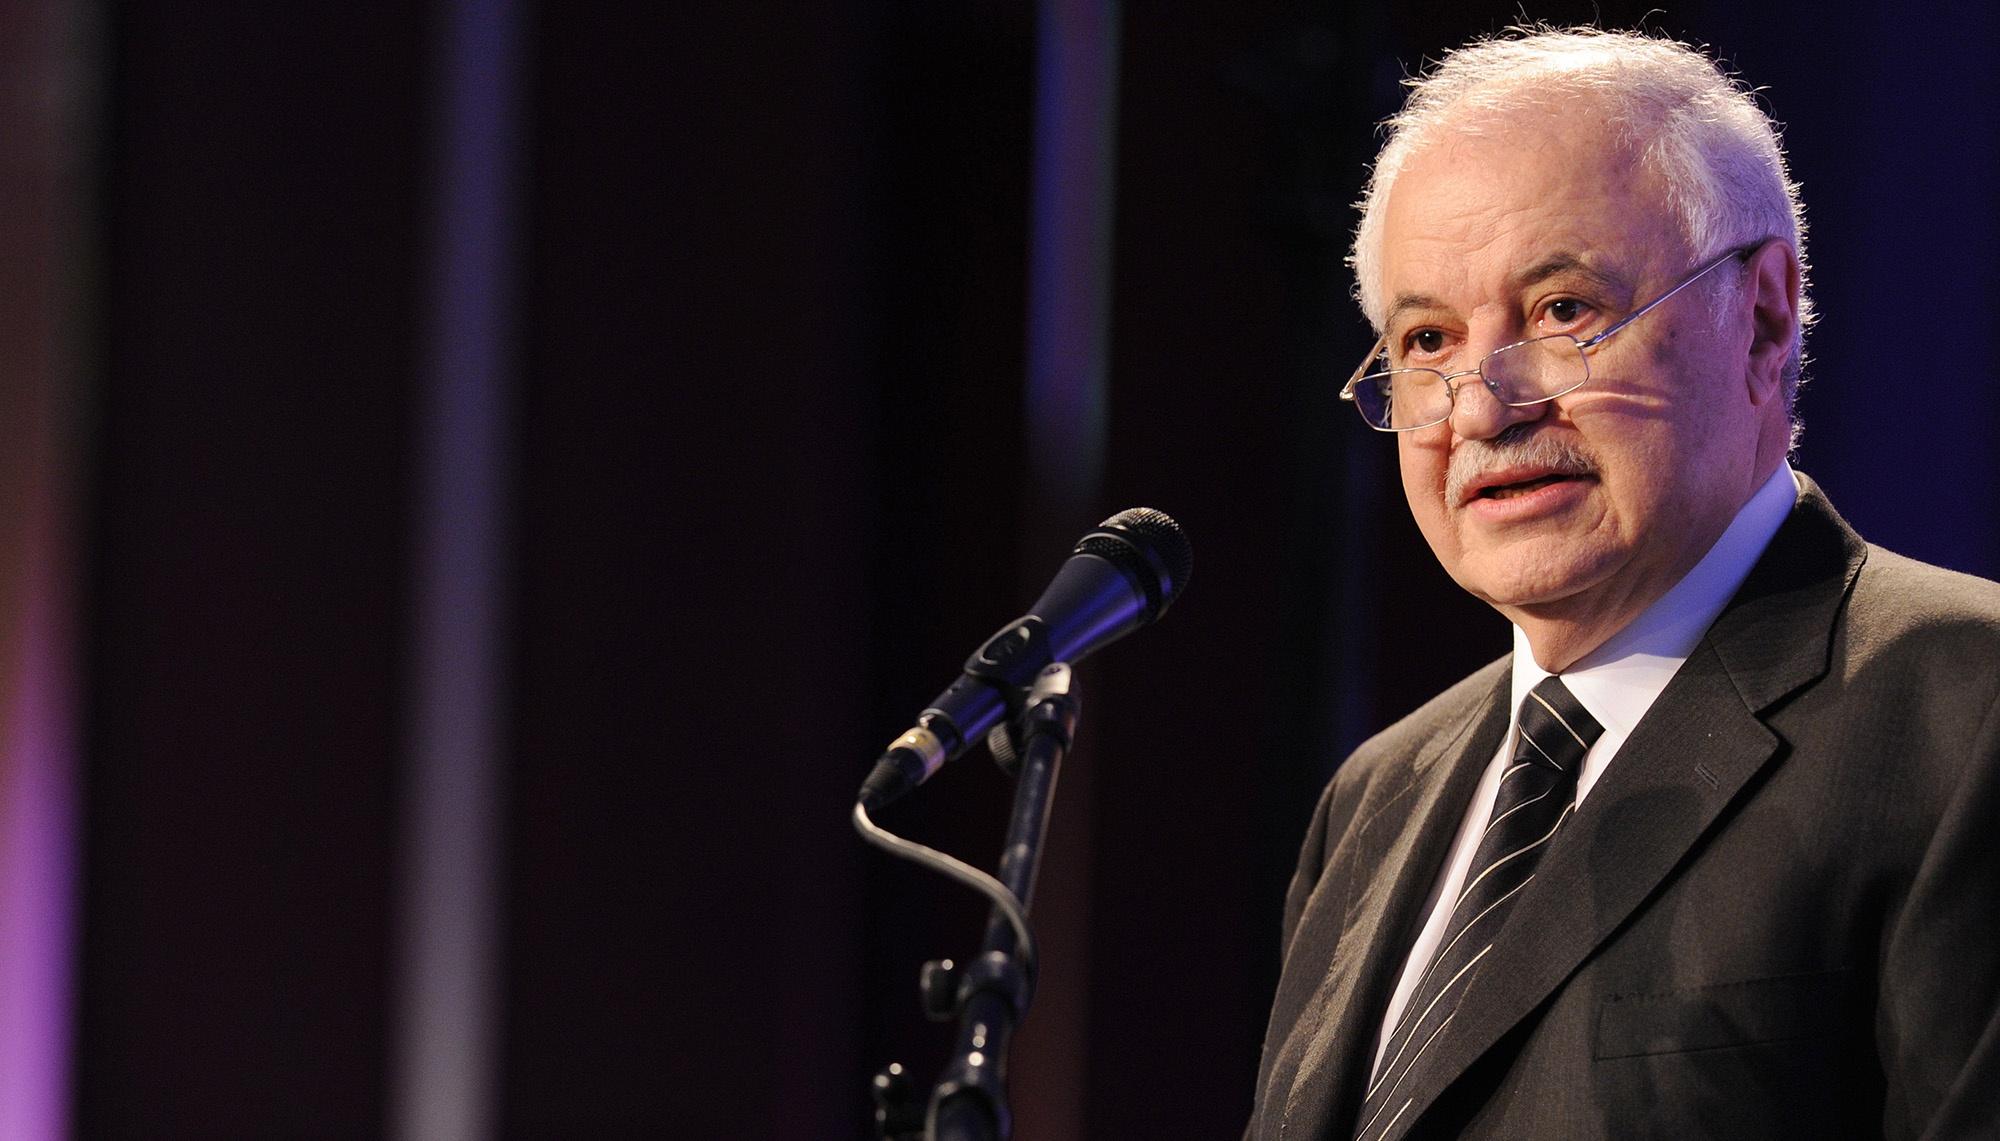 رجل الأعمال الفلسطيني الأردني طلال أبو غزالة